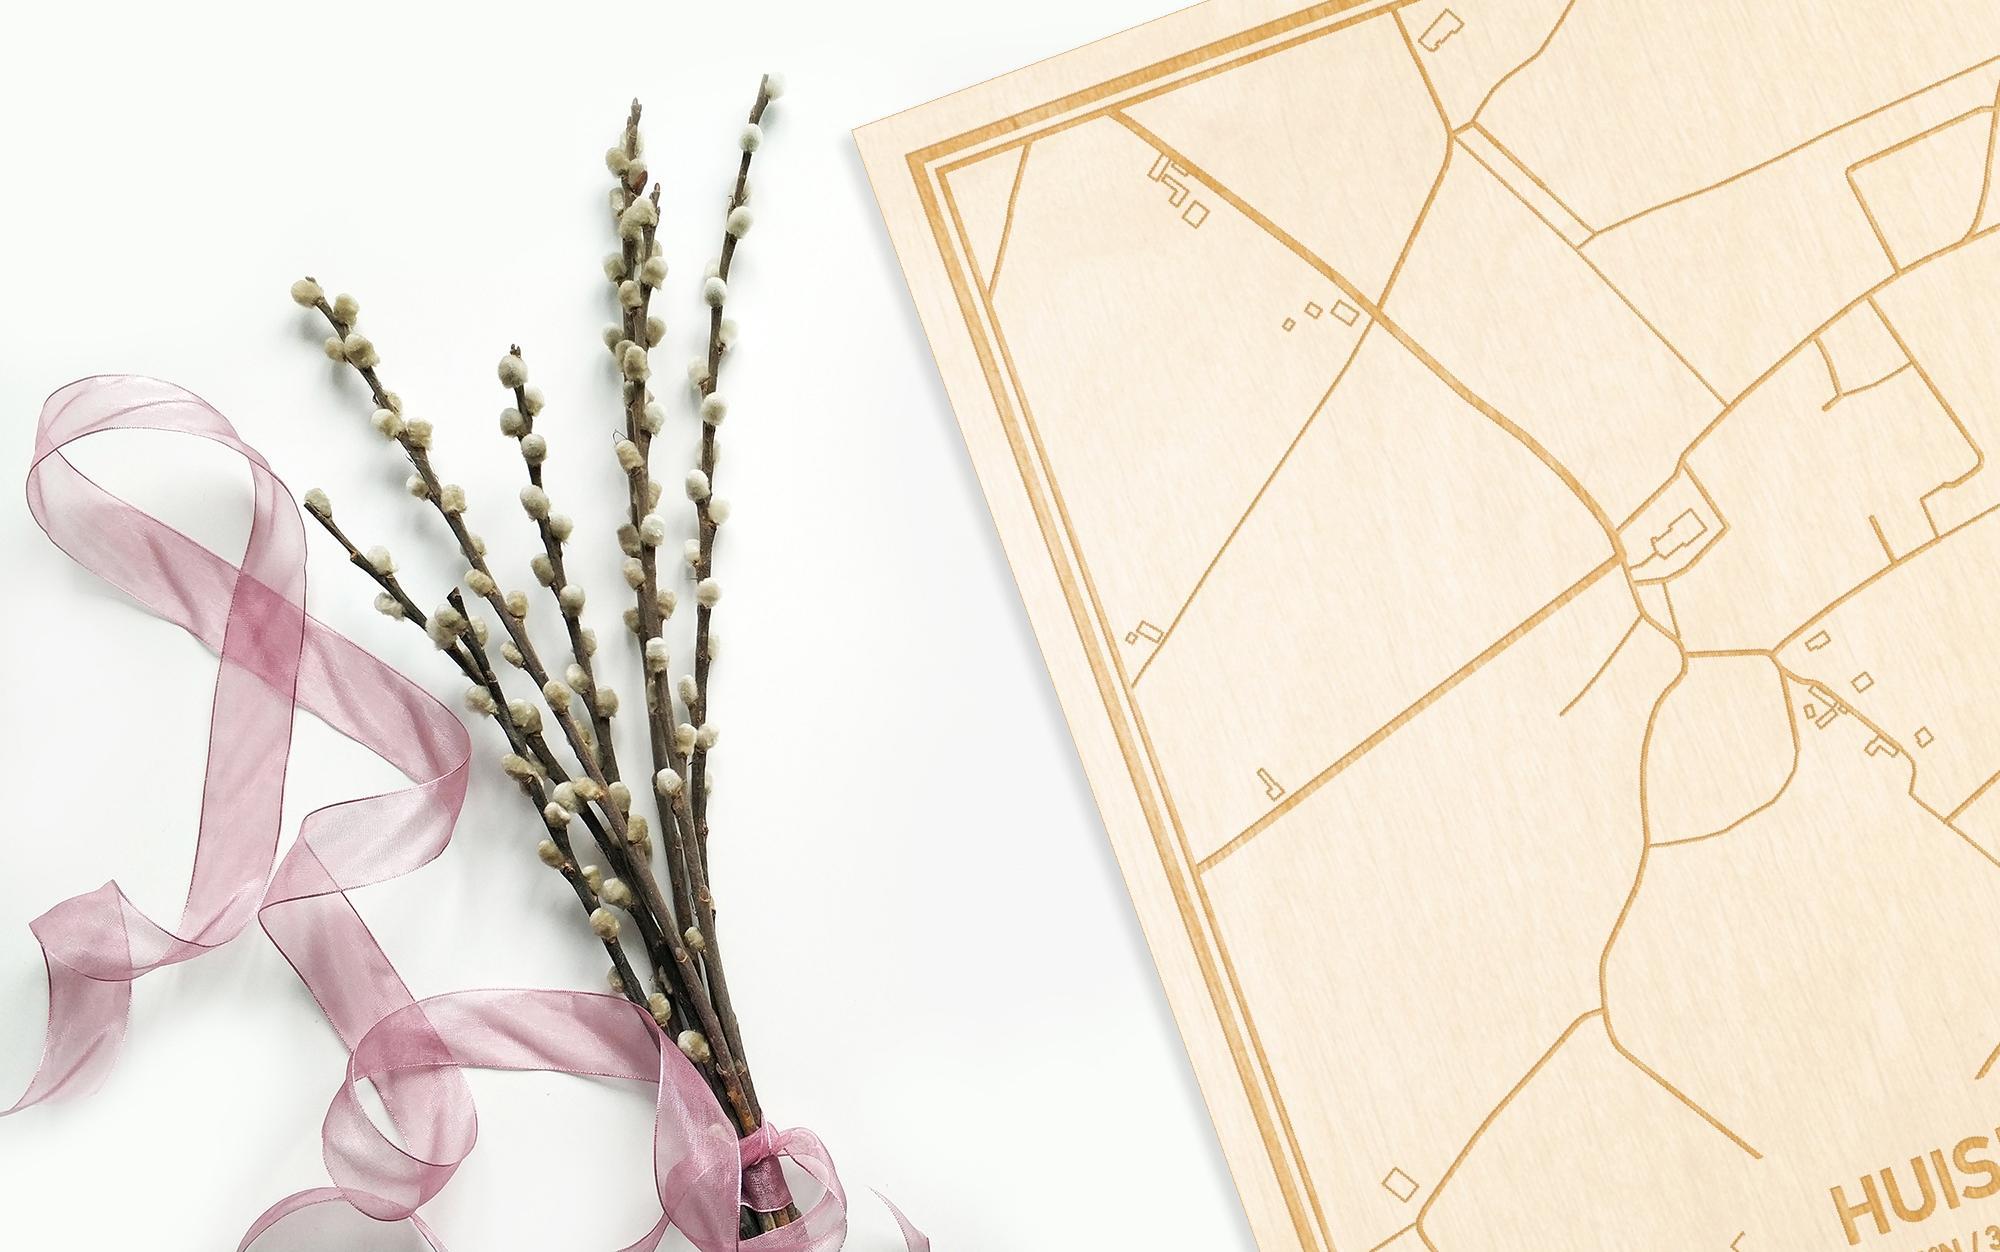 Hier ligt de houten plattegrond Huise naast een bloemetje als gepersonaliseerd cadeau voor haar.